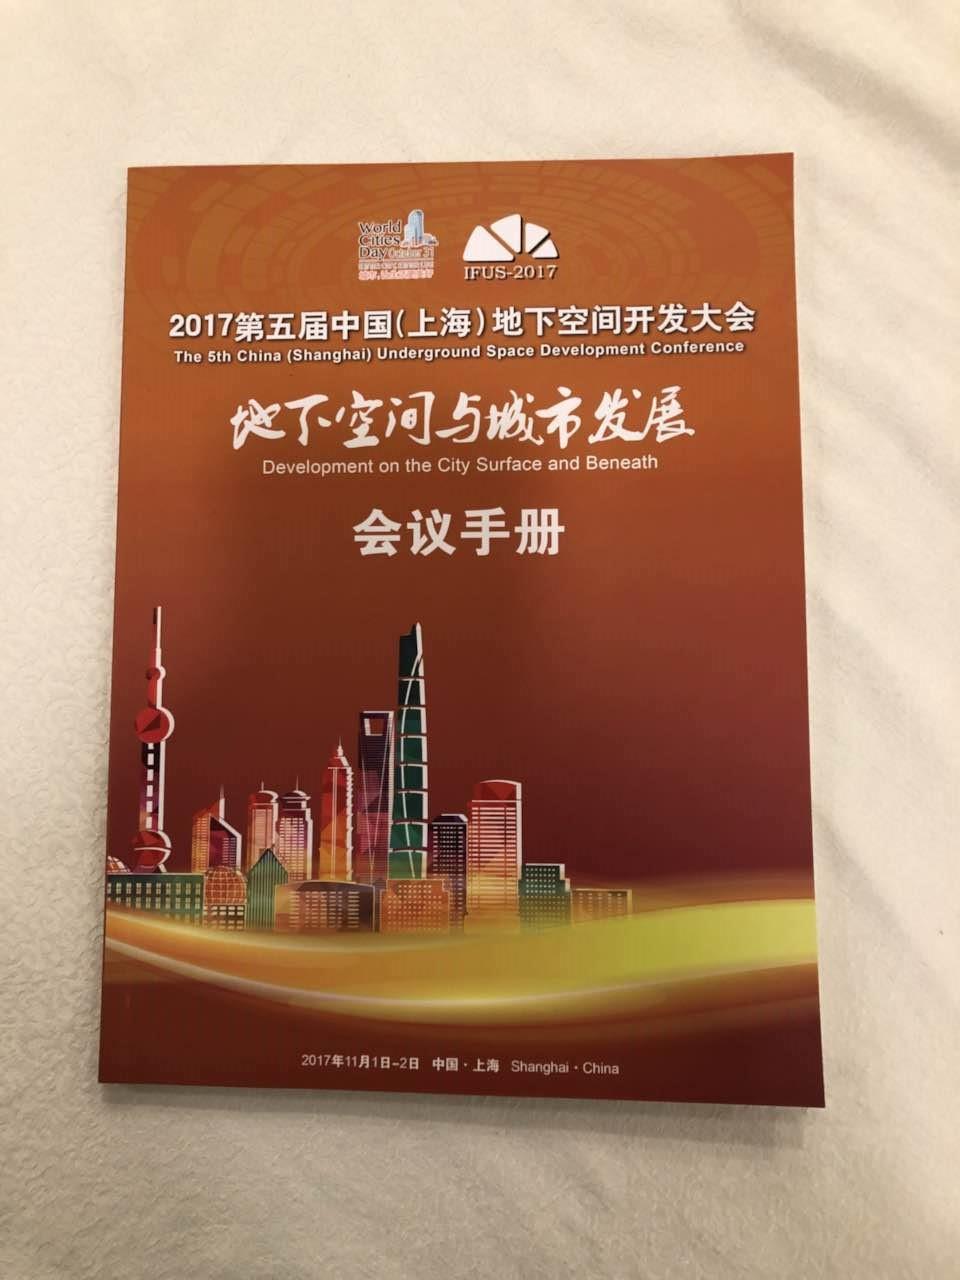 冯涛董事长带队出席第五届《中国地下空间开发大会》